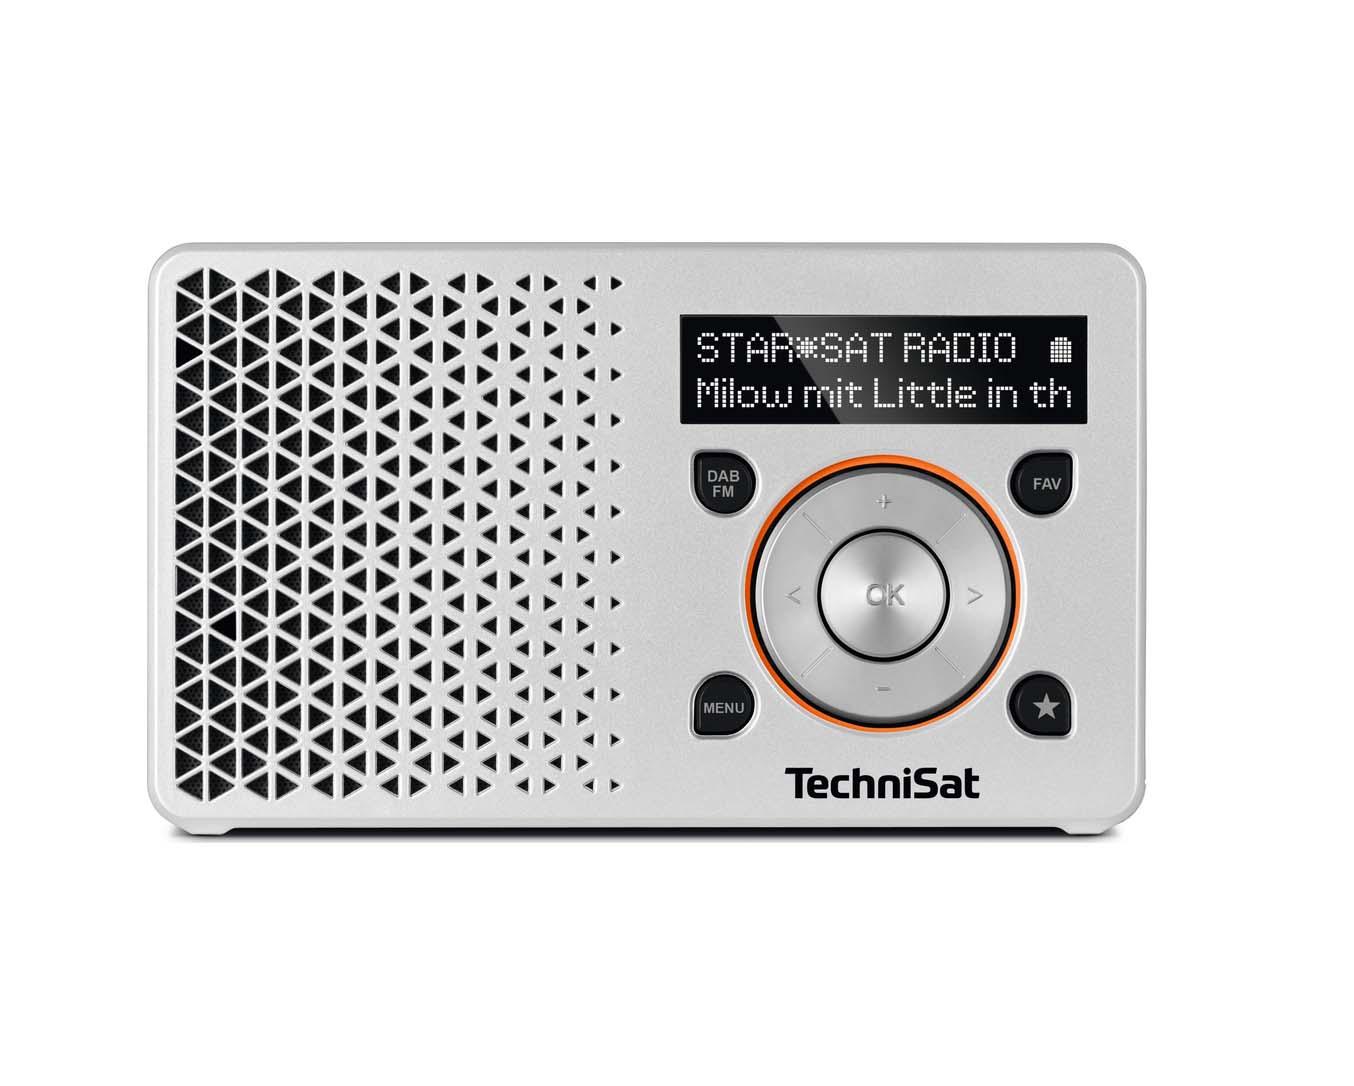 Technisat Digitradio 1 Silver/Orange Ραδιόφωνο 0003/4997